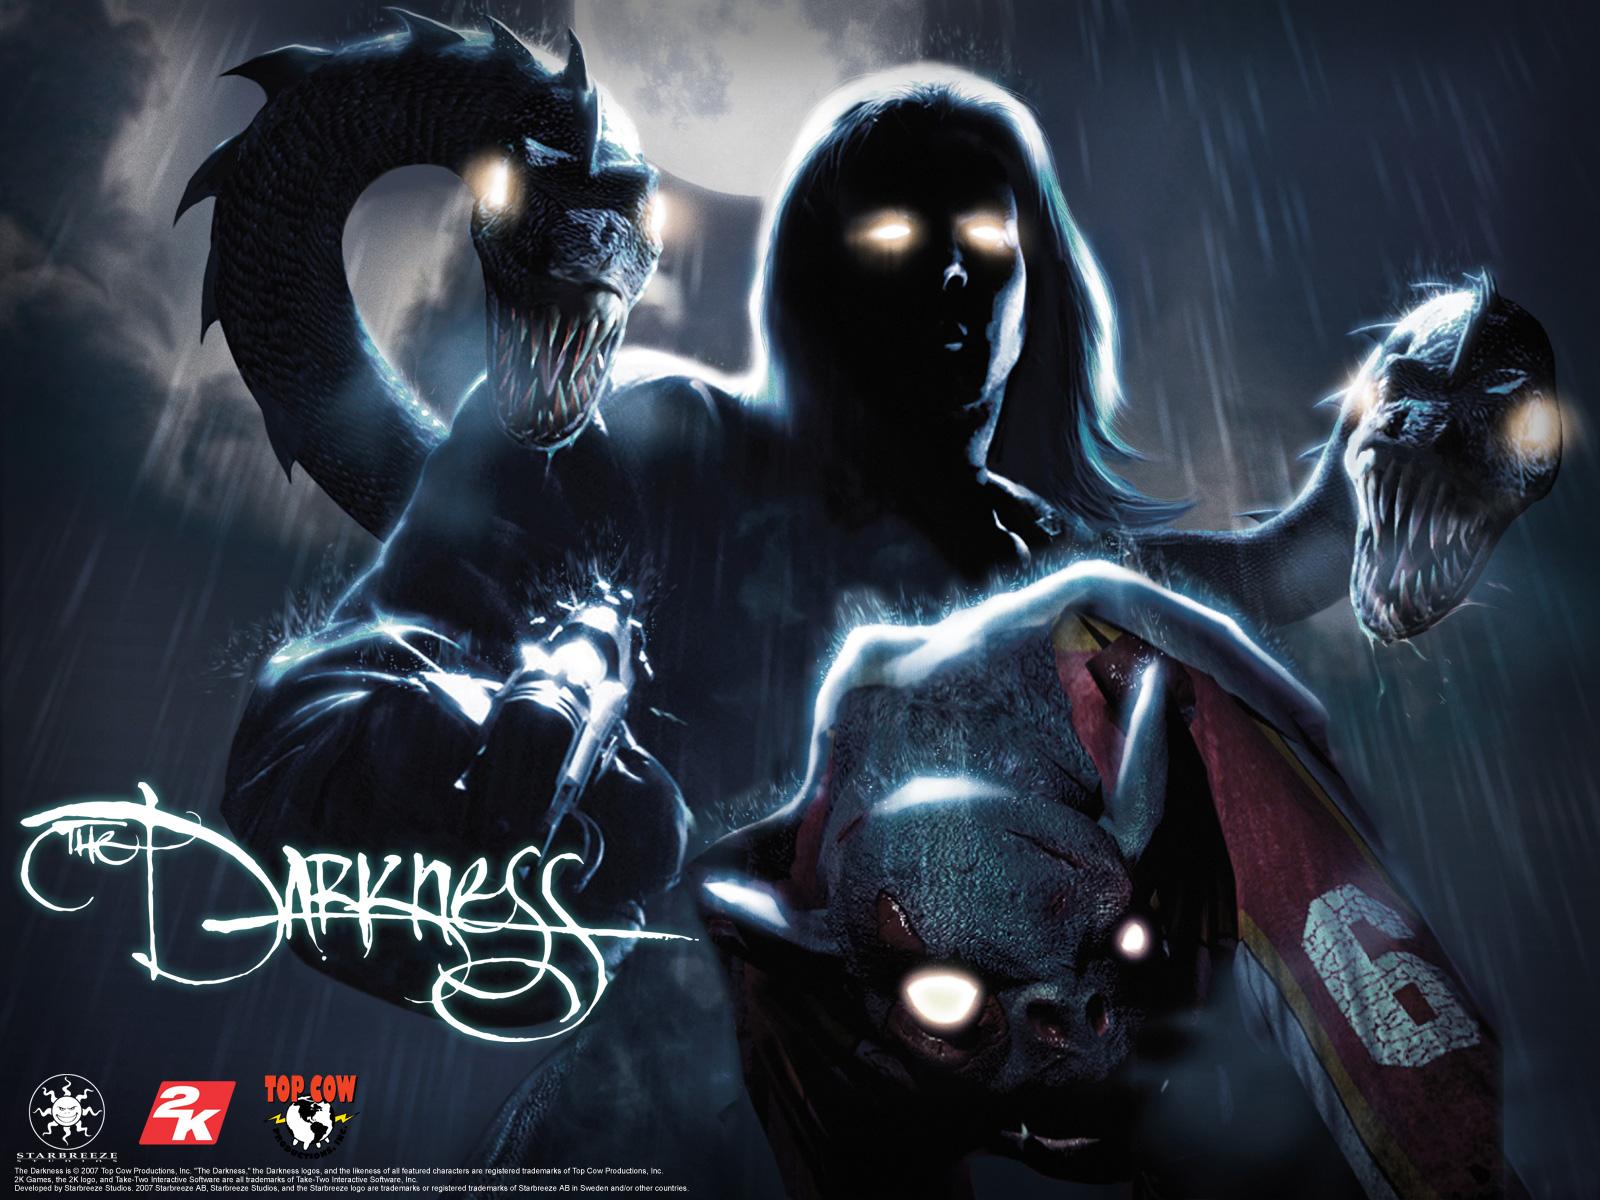 http://2.bp.blogspot.com/_hGlyiQdycNg/S8baERxYMvI/AAAAAAAABBg/yAHJ08Ogop4/s1600/Games_Darkness_game_007124_.jpg